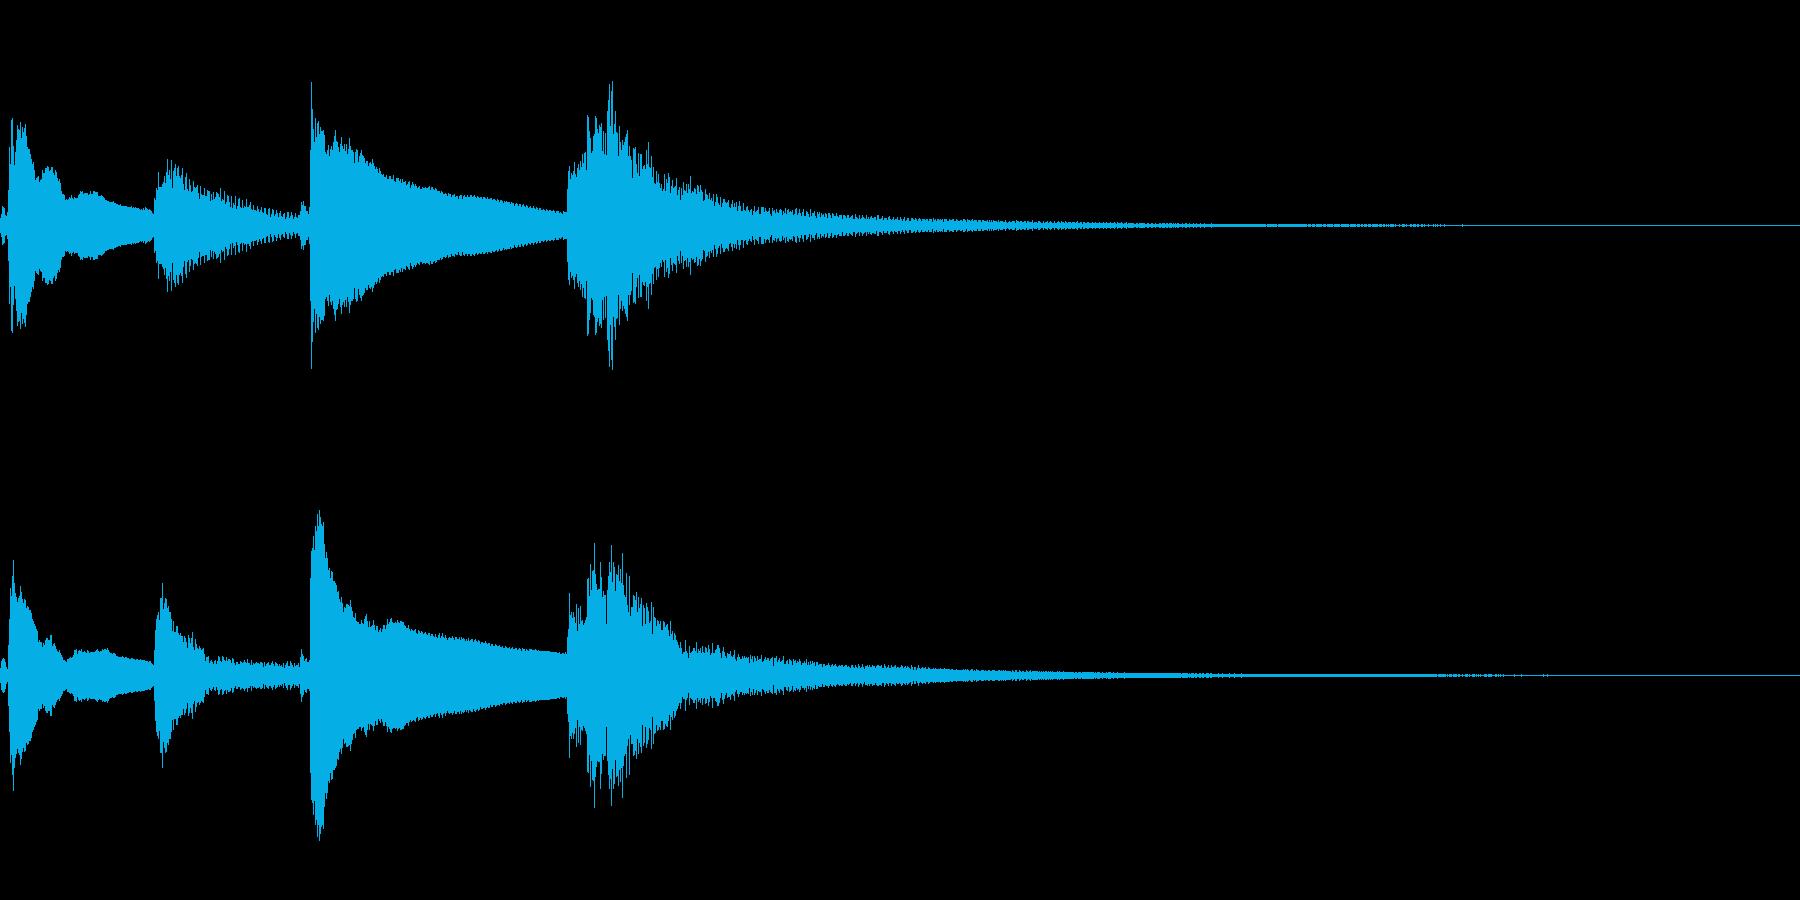 琴のワンショットフレーズ(場面転換等に)の再生済みの波形